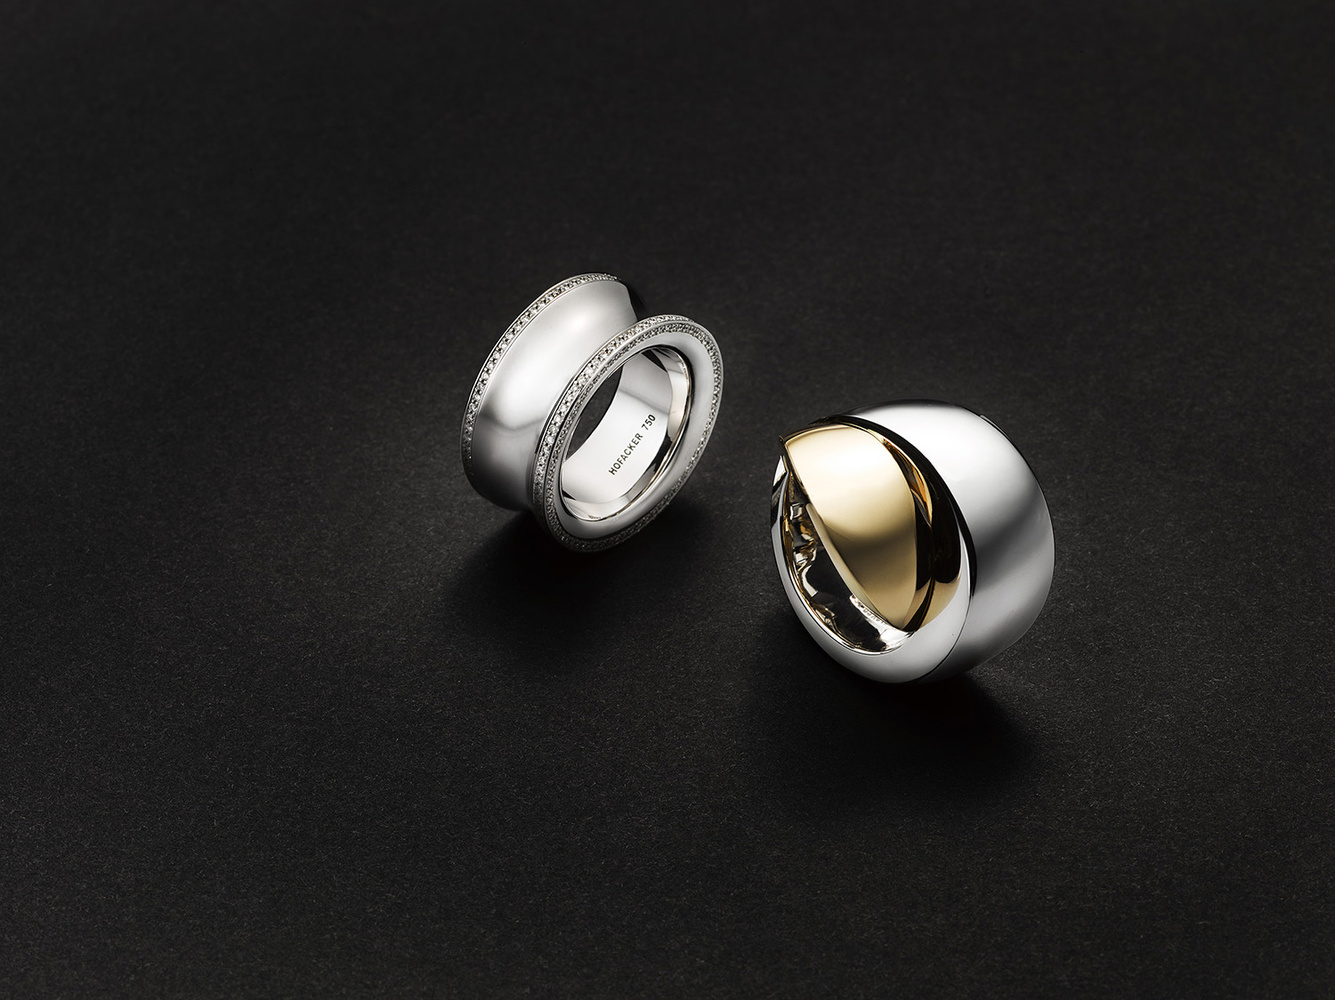 Rings by Nils Wilbert